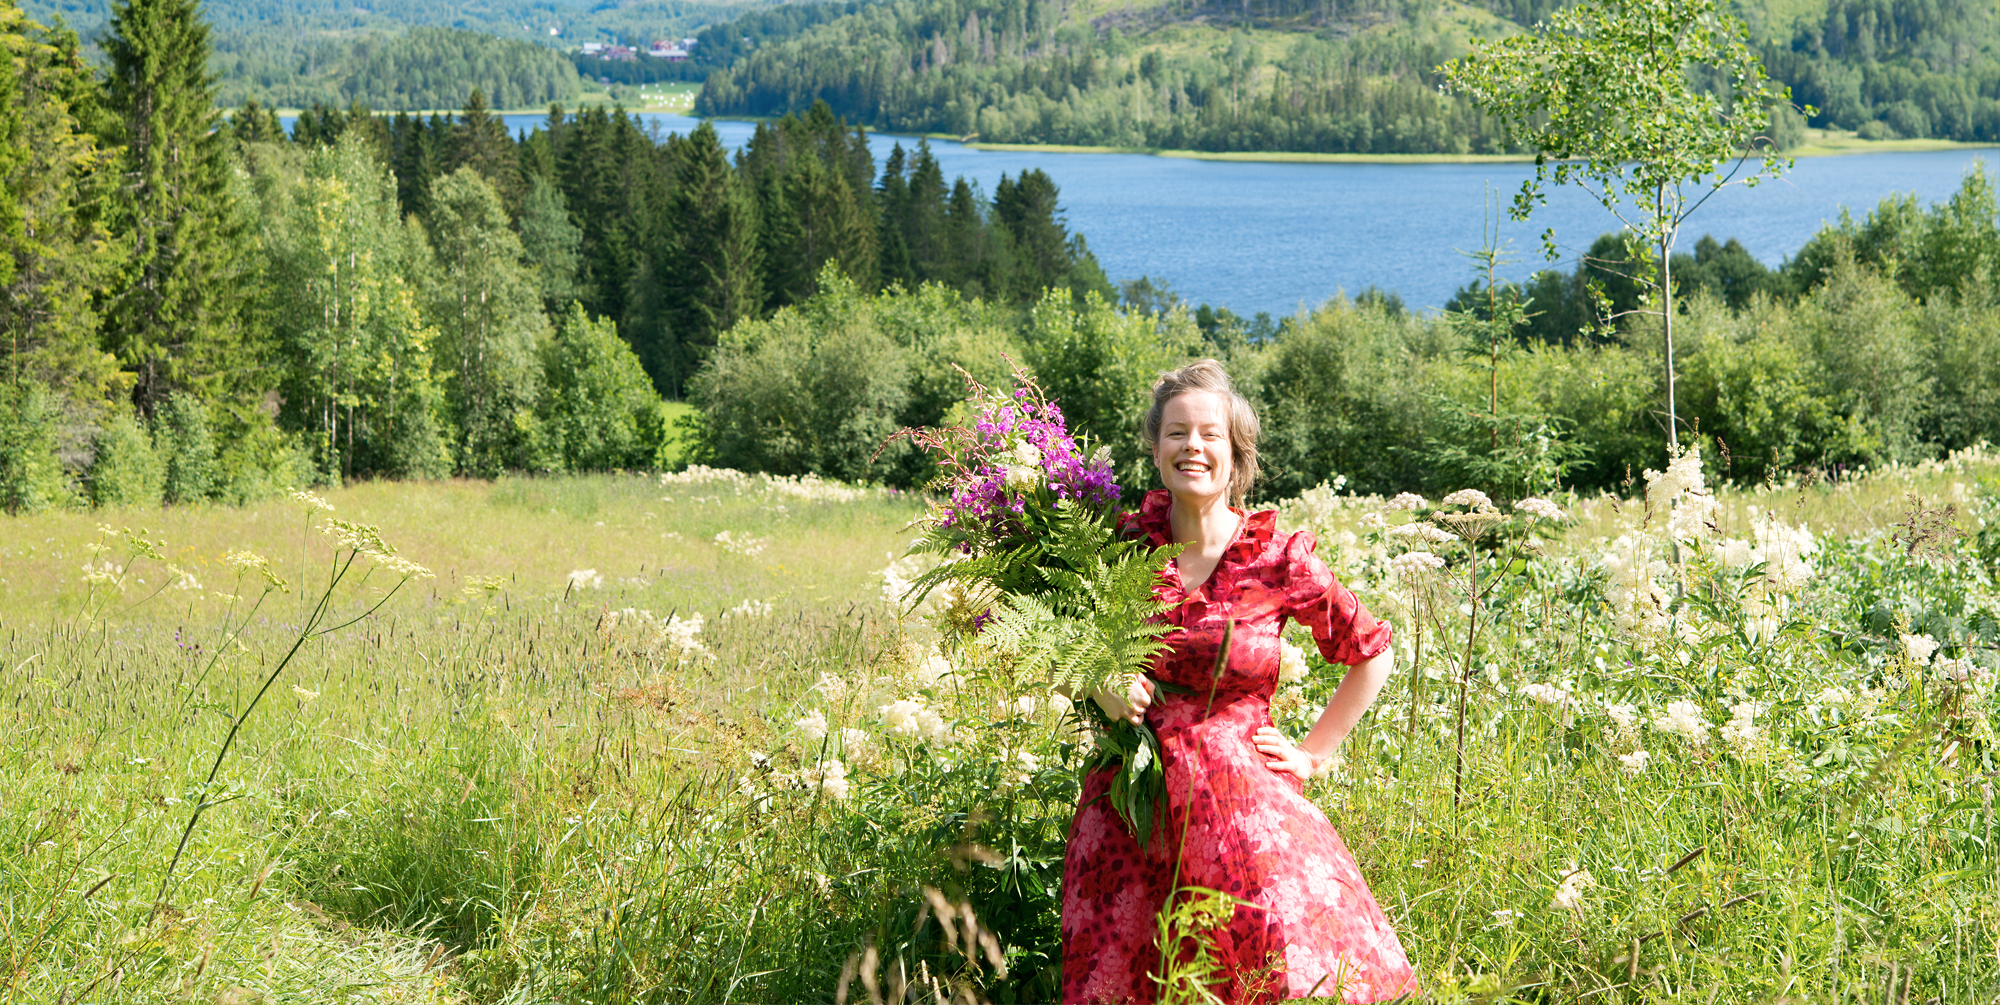 Åsa-Saga hemma på gården i Nordingrå